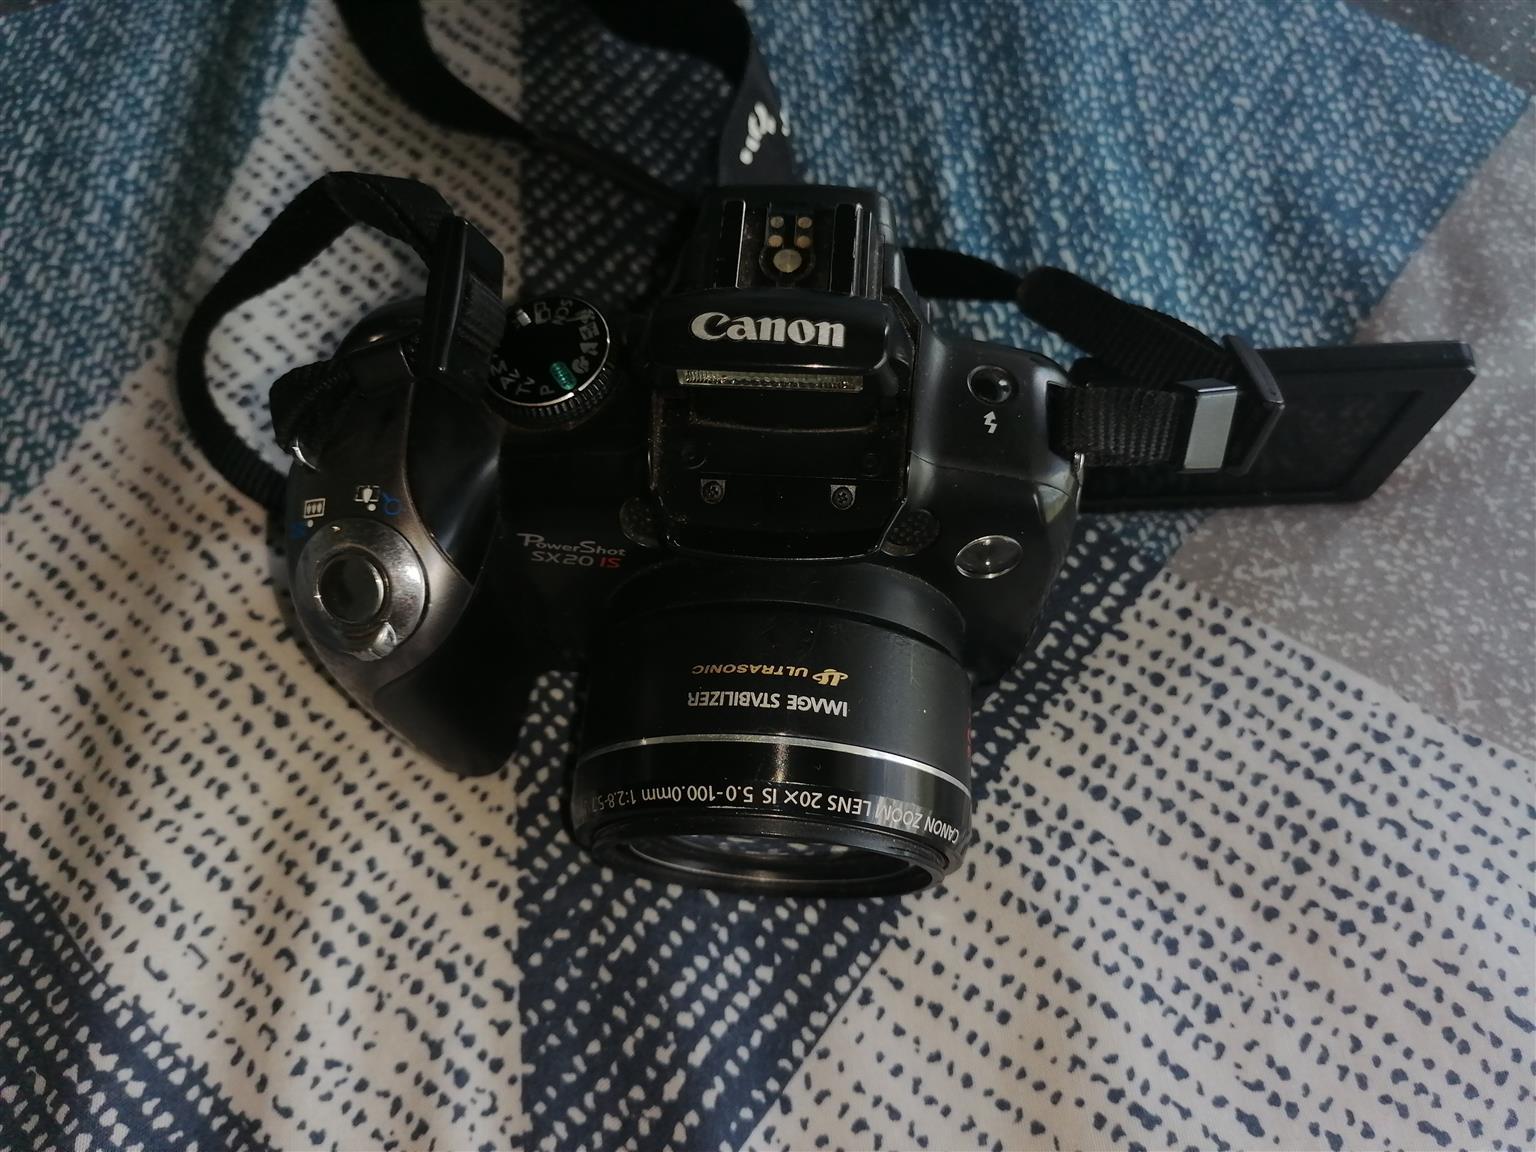 Canon Power shot SX 20 IS 12.1 mega pixels